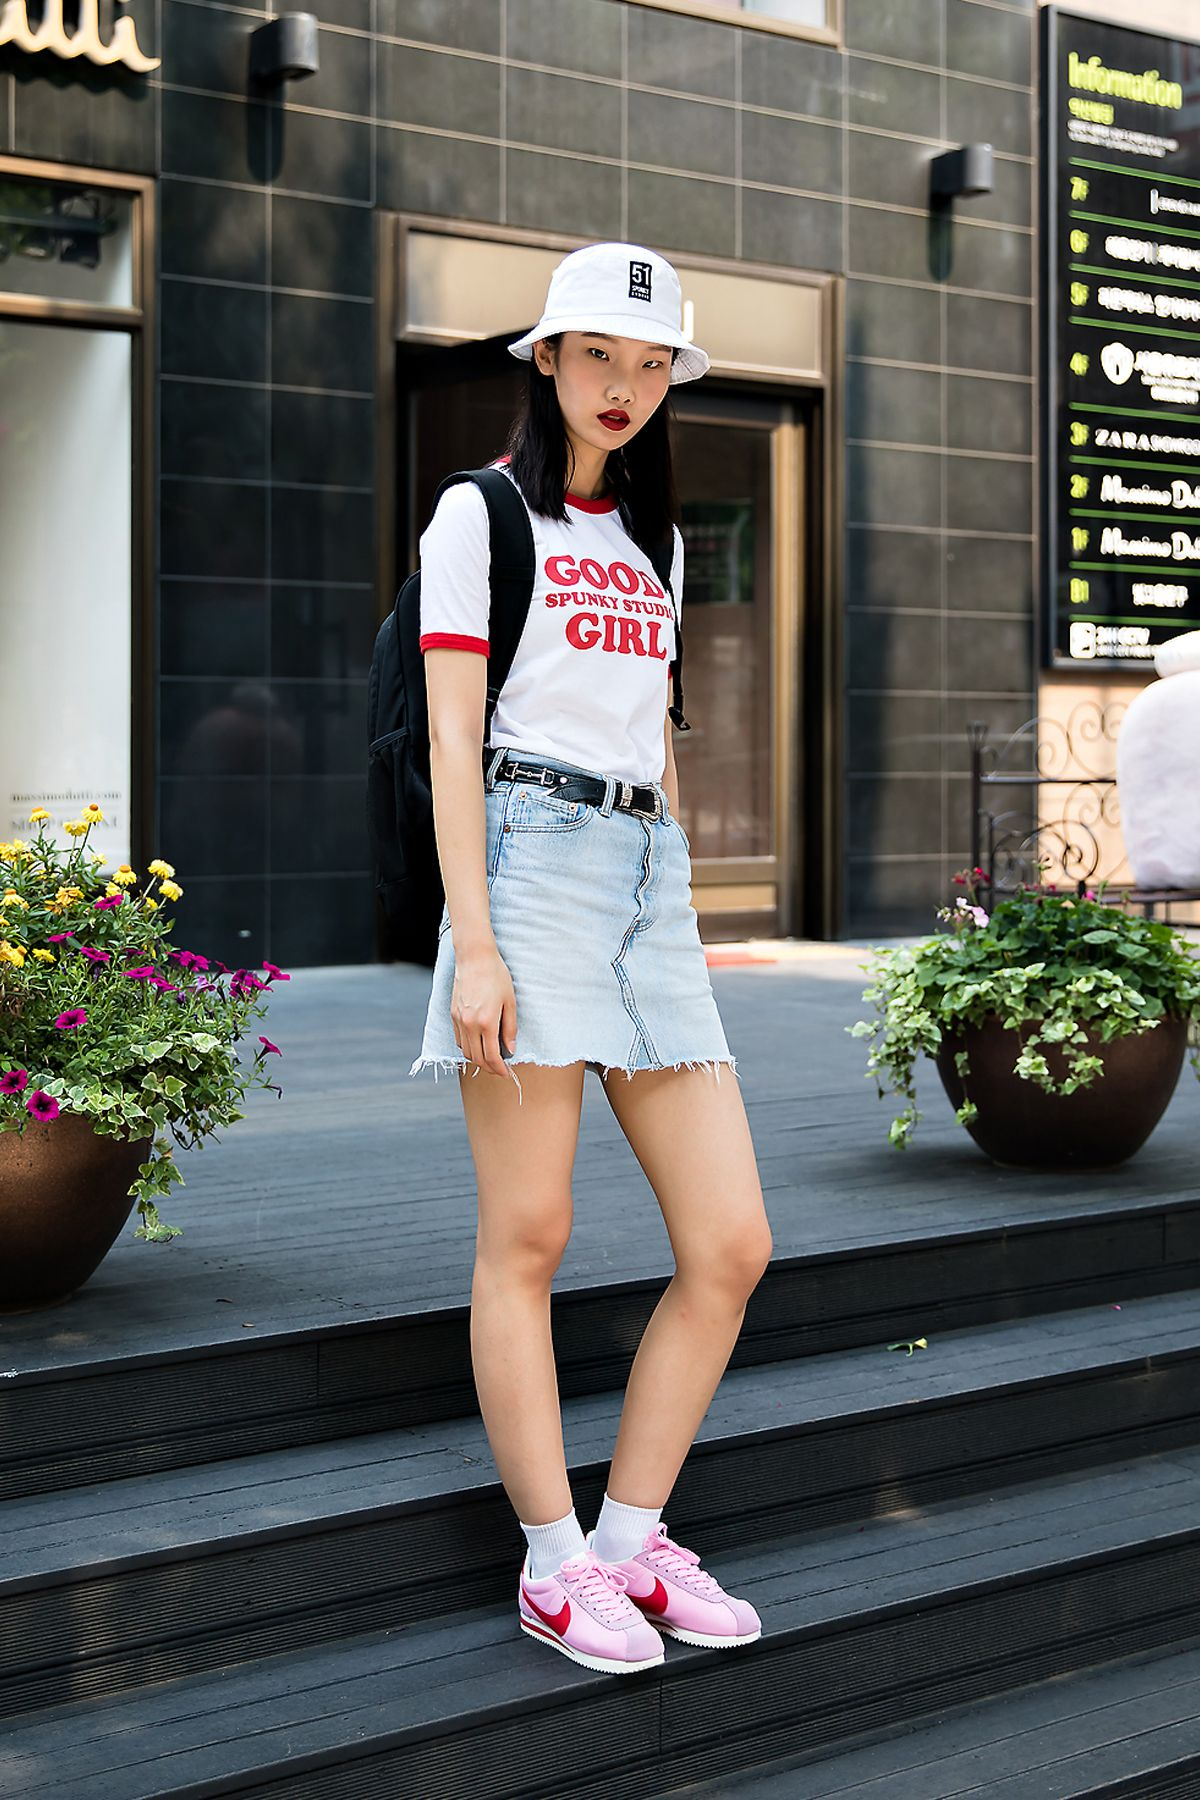 Kim Seohyun, Street Fashion 7 in Seoul  Korean street fashion